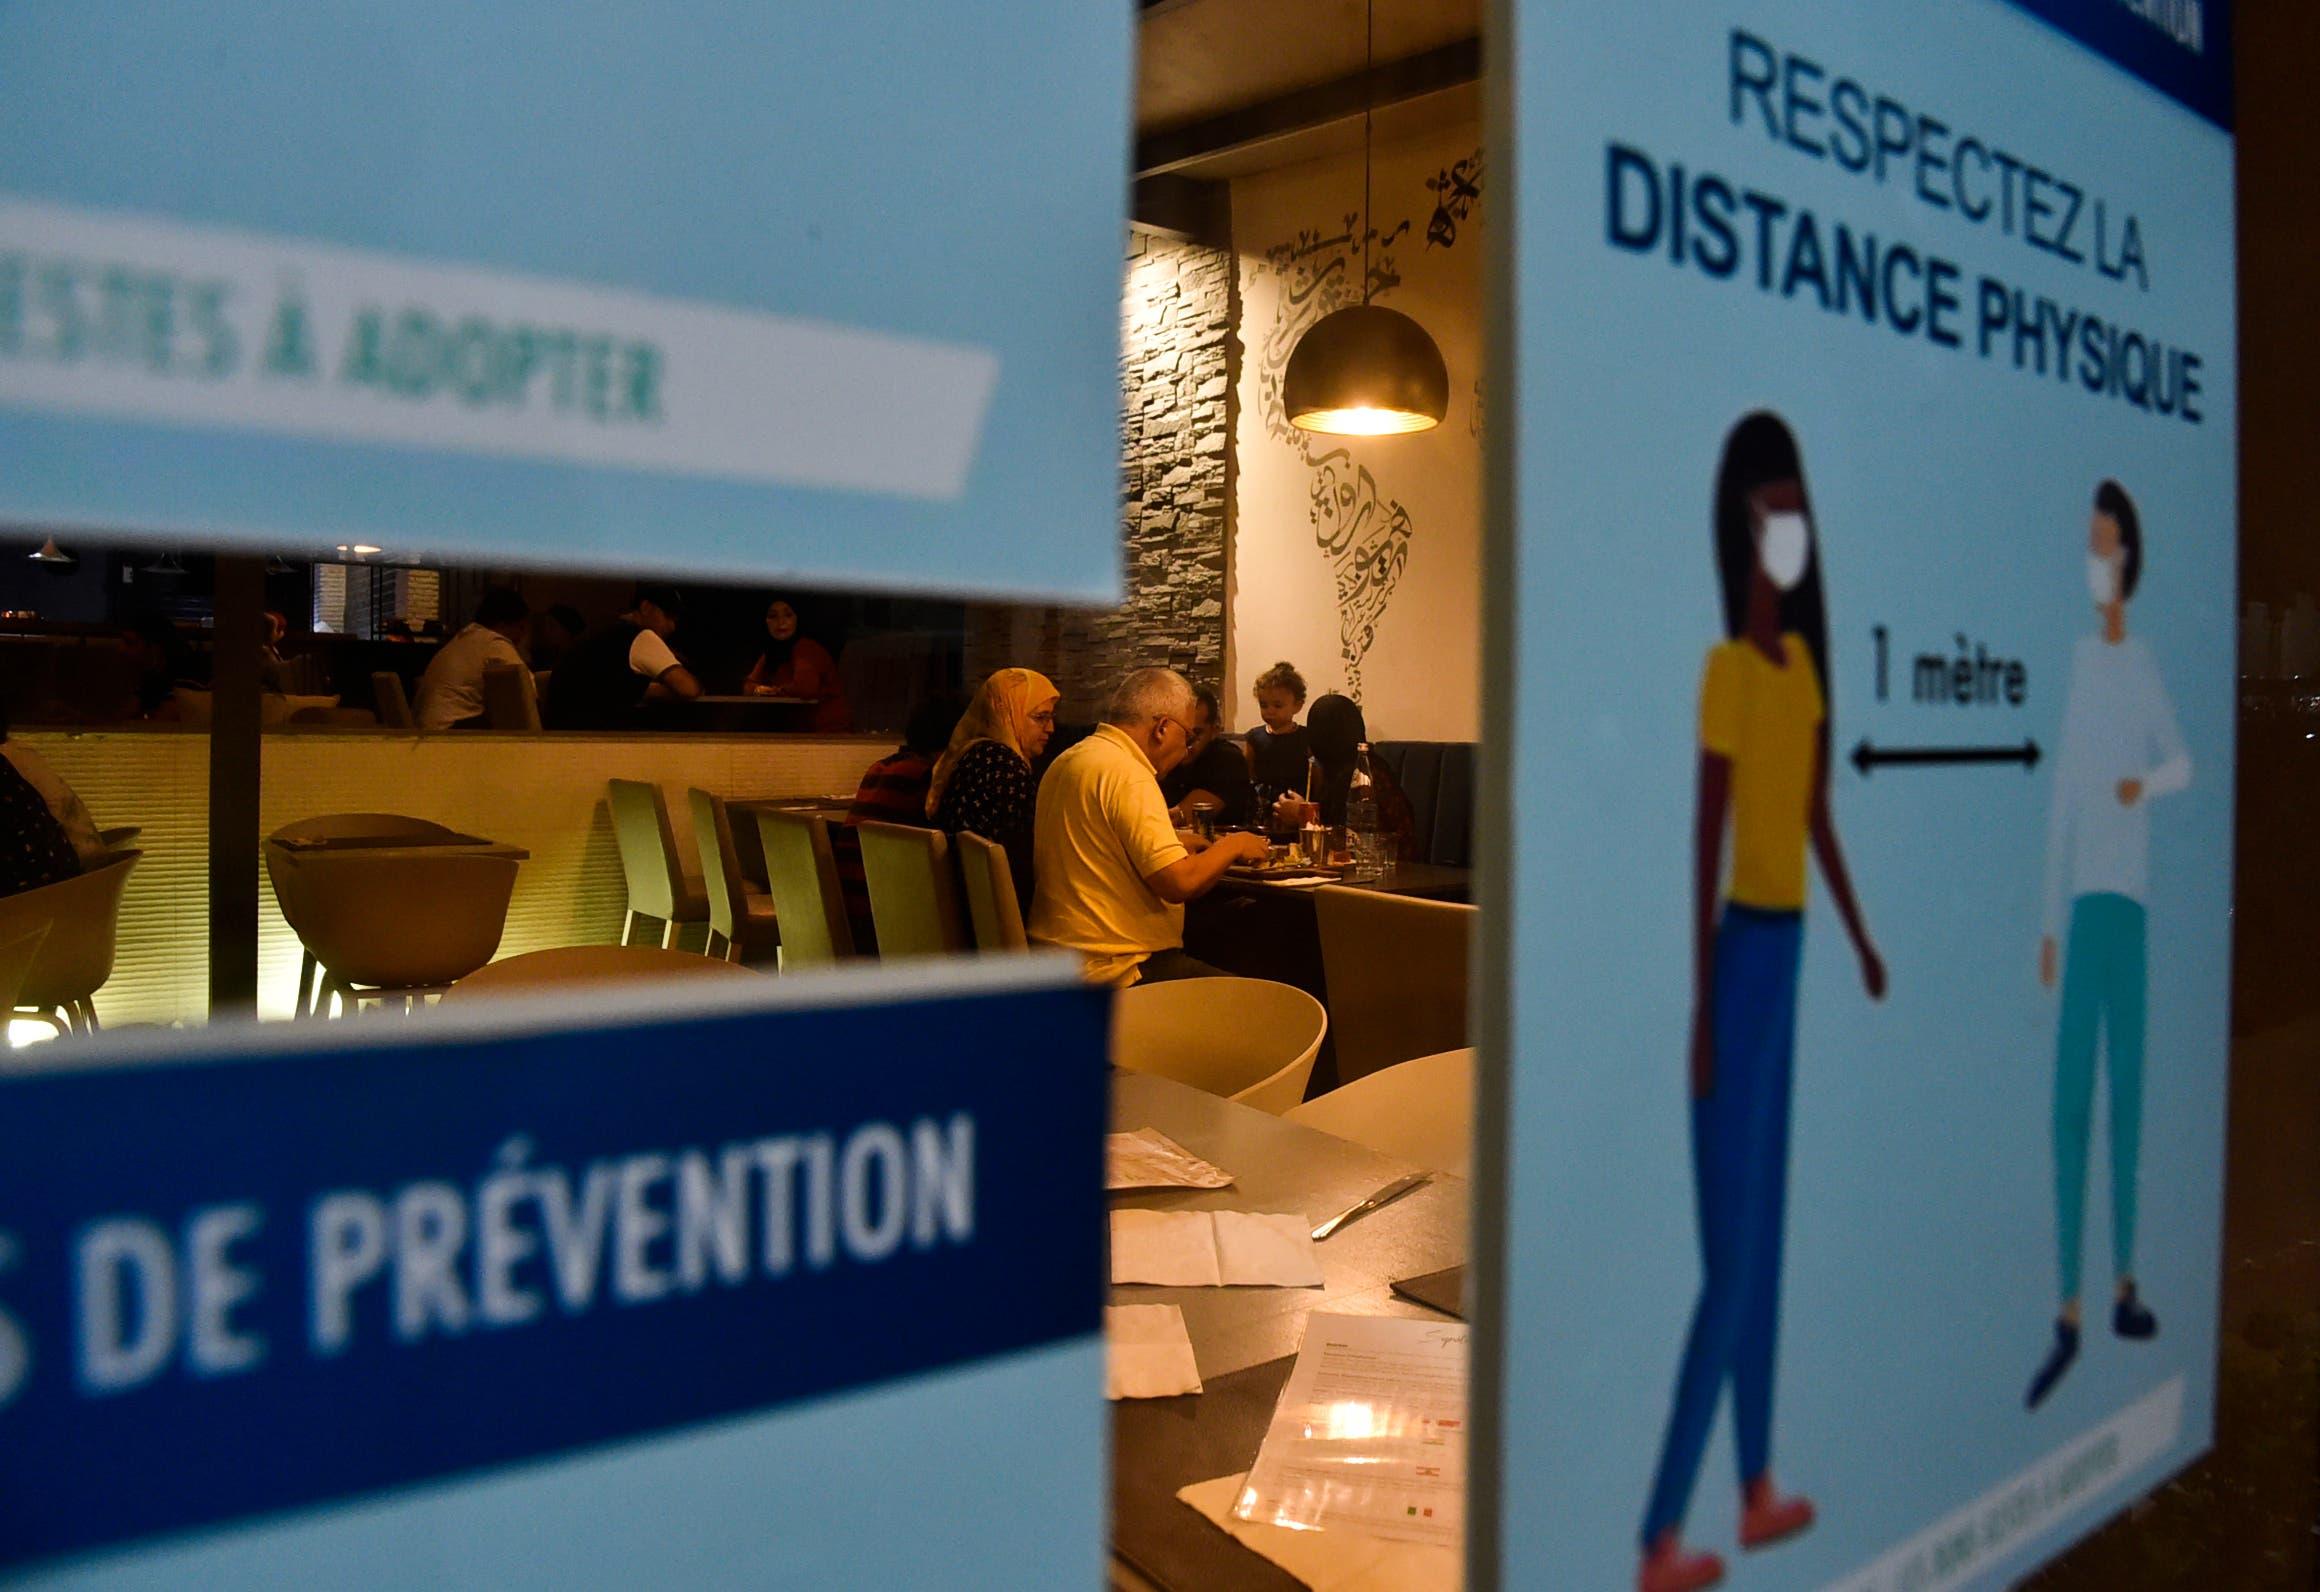 ملصق يحث على احترام التباعد للوقاية من كورونا على مدخل أحد مطاعم بالجزئر